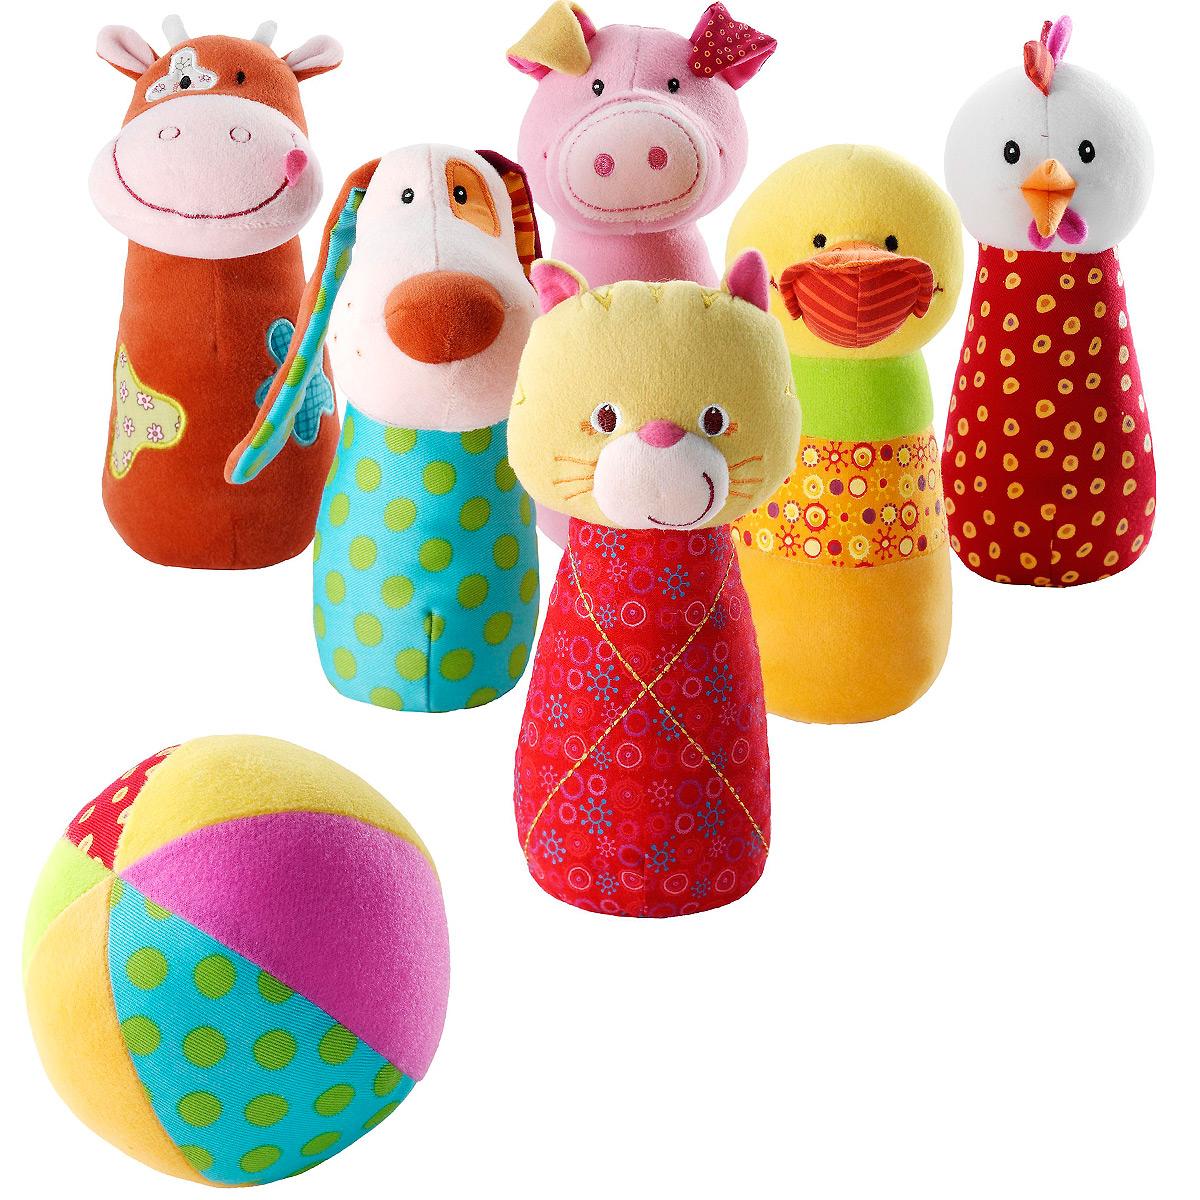 """Игровой набор Lilliputiens """"Боулинг"""" подарит вашему ребенку массу положительных эмоций. Набор выполнен из текстильного материала разных цветов и фактур и включает в себя шесть кеглей разных цветов и мячик. Необходимо расставить кегли и сбить как можно больше, запустив в них мяч. Кегли выполнены в виде животных: котика, свинки, собачки, коровки, курочки и уточки. Гранулы в основании помогают кеглям устойчиво стоять на ровной поверхности. Ушки собачки весело шуршат. Внутри мяча расположена сфера, звенящая при тряске. Ваш ребенок с удовольствием будет играть в боулинг, развивая ловкость, меткость и координацию движений, а также познакомится с животными."""